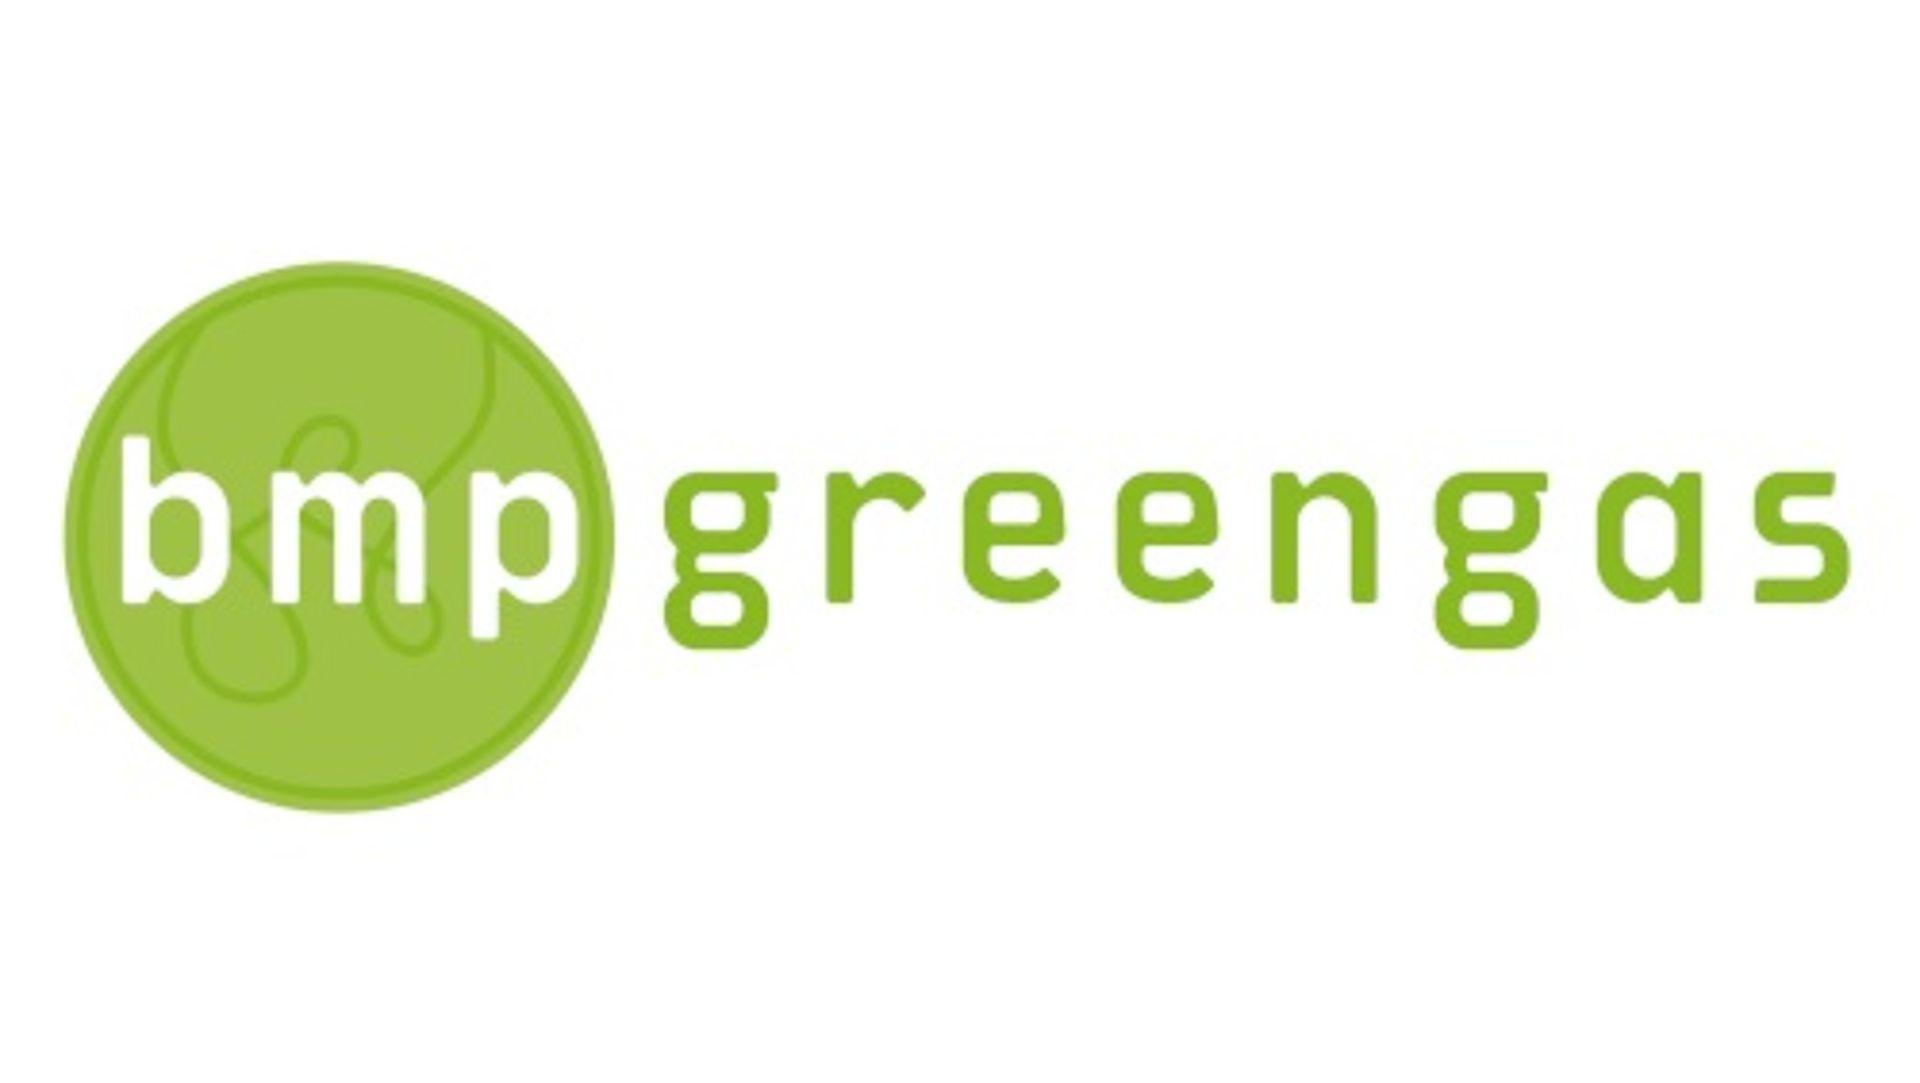 csm_bmb_greengas_Projekt_logo_01_62e23dd2d9